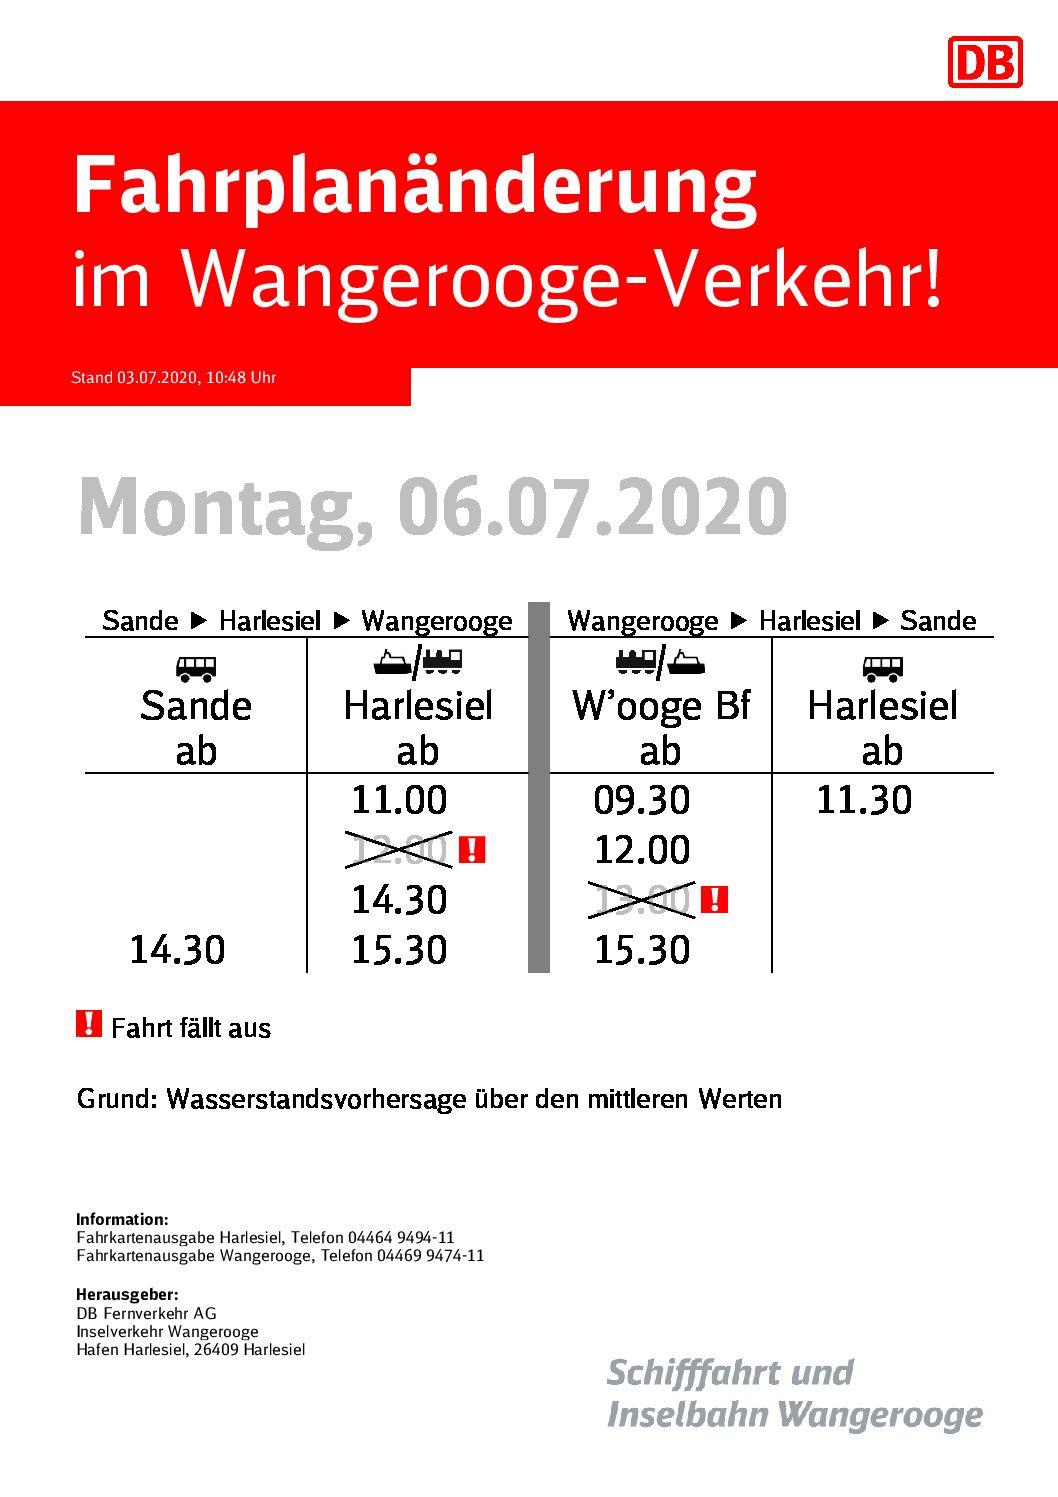 DB/SIW Fahrplanändrung 06.07.2020